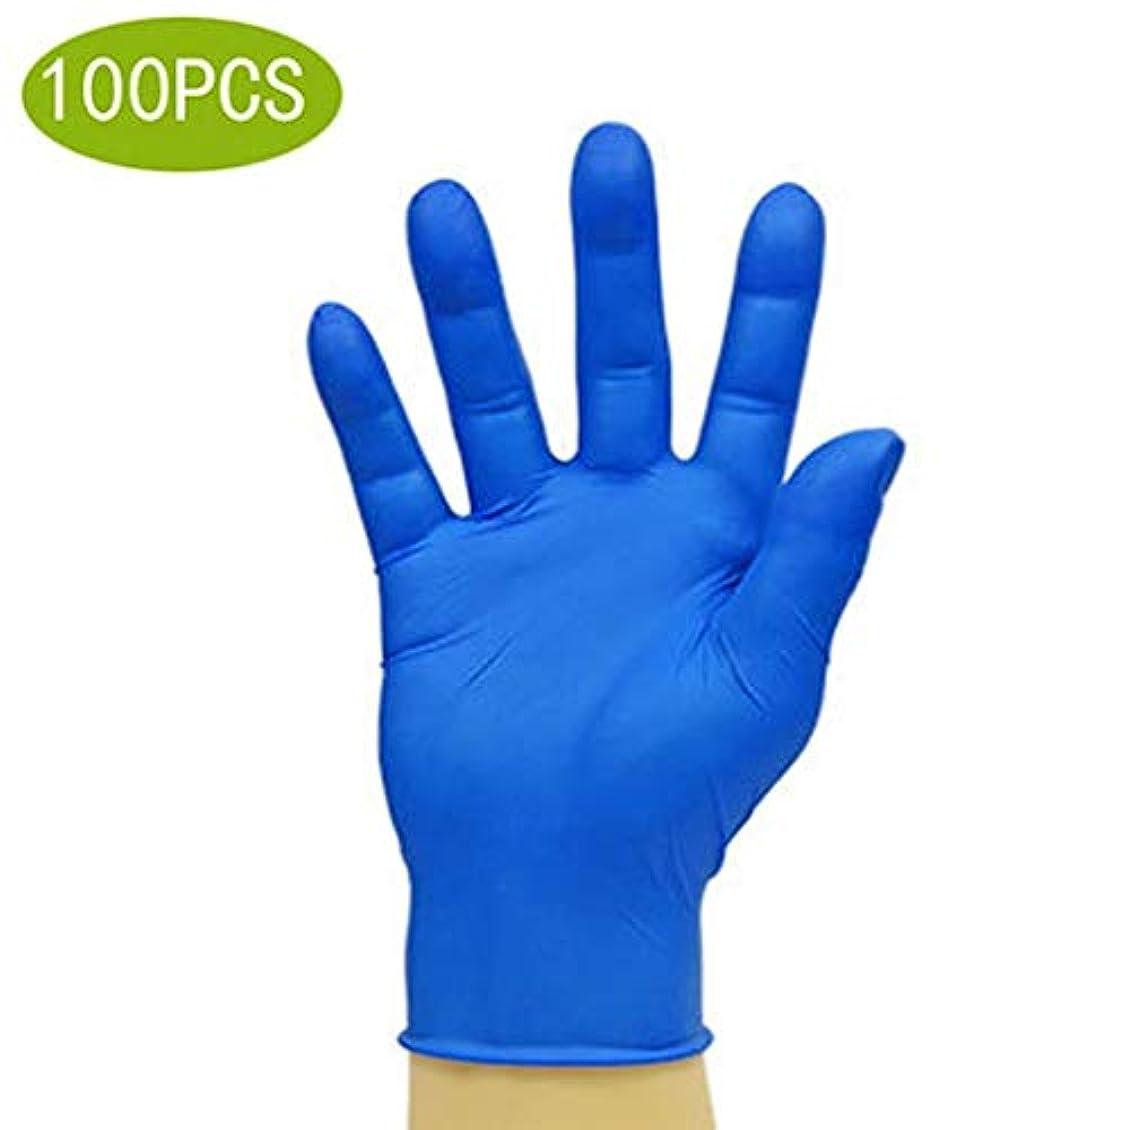 解凍する、雪解け、霜解けロードブロッキングスナッチ家庭用品使い捨て手袋ニトリル試験手袋医療用グレードパウダーフリー非S-L、インディゴ、ラージ、100カウント (Size : S)